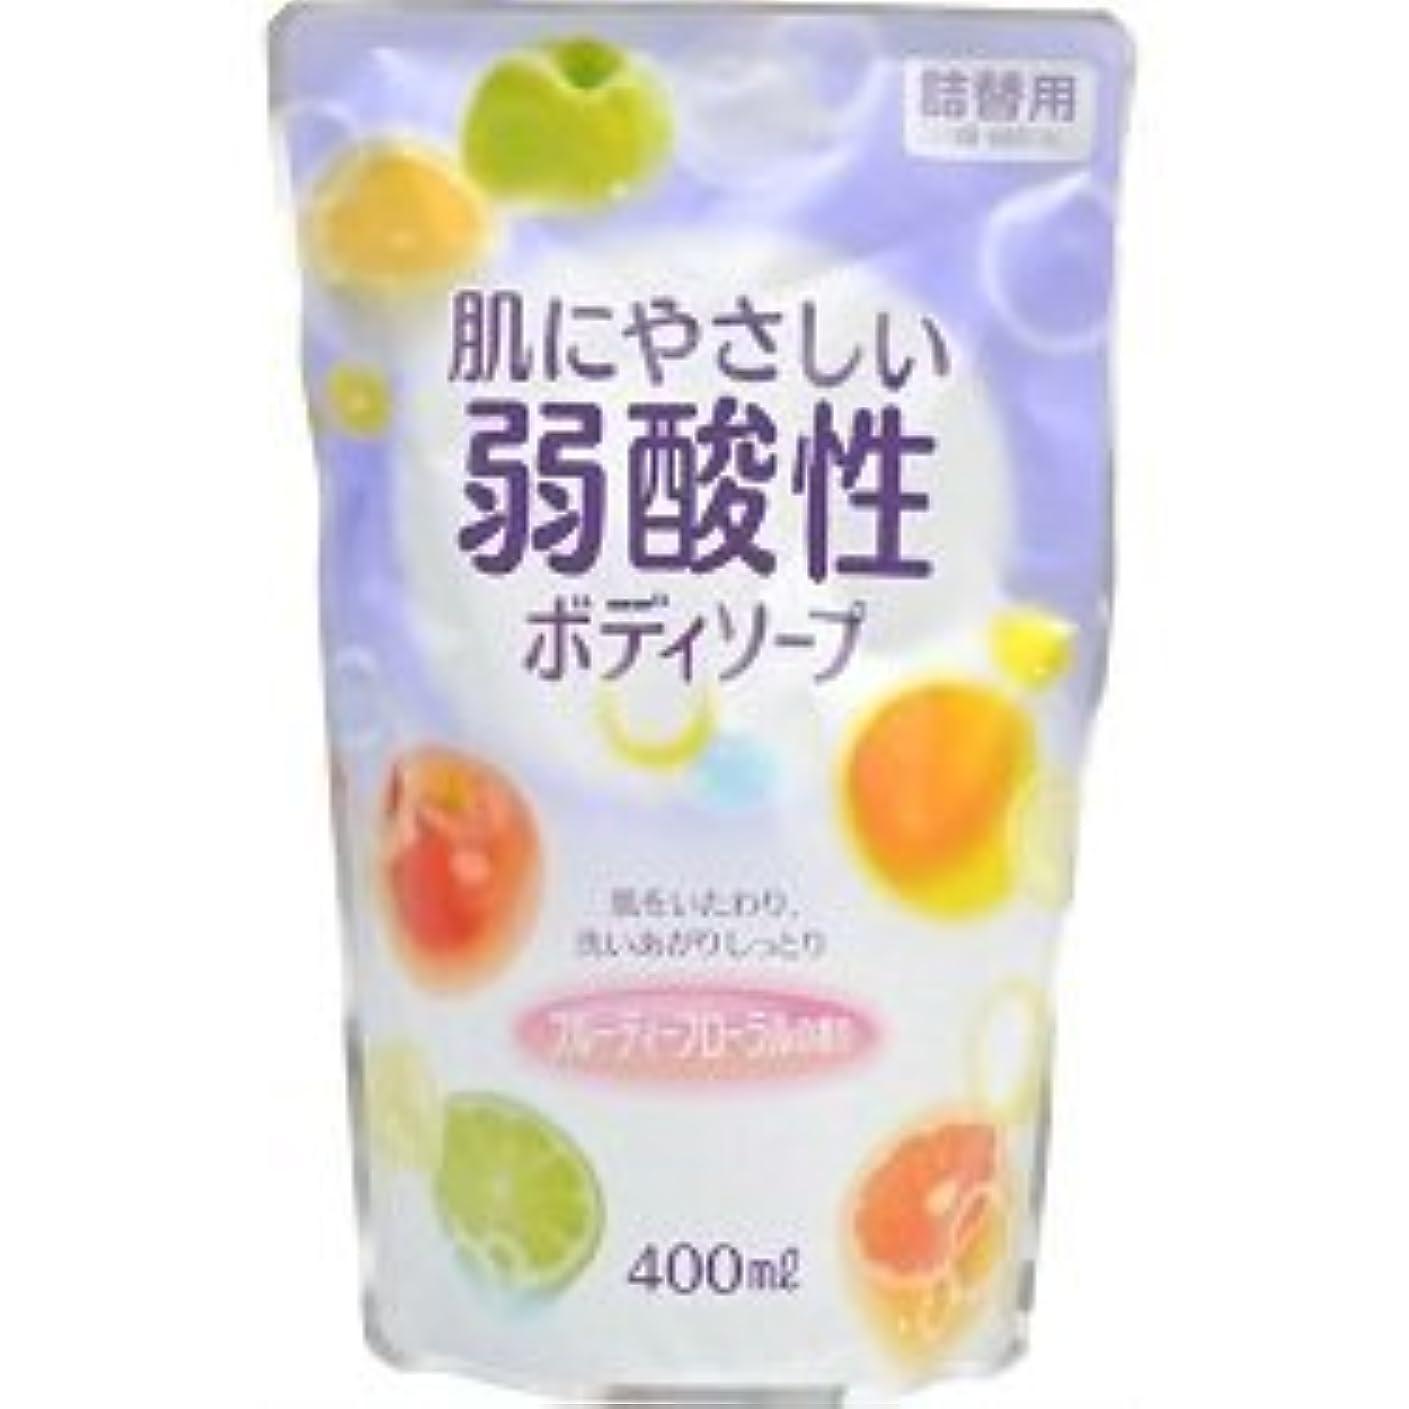 無知激怒おそらく【エオリア】弱酸性ボディソープ フルーティフローラルの香り 詰替用 400ml ×3個セット